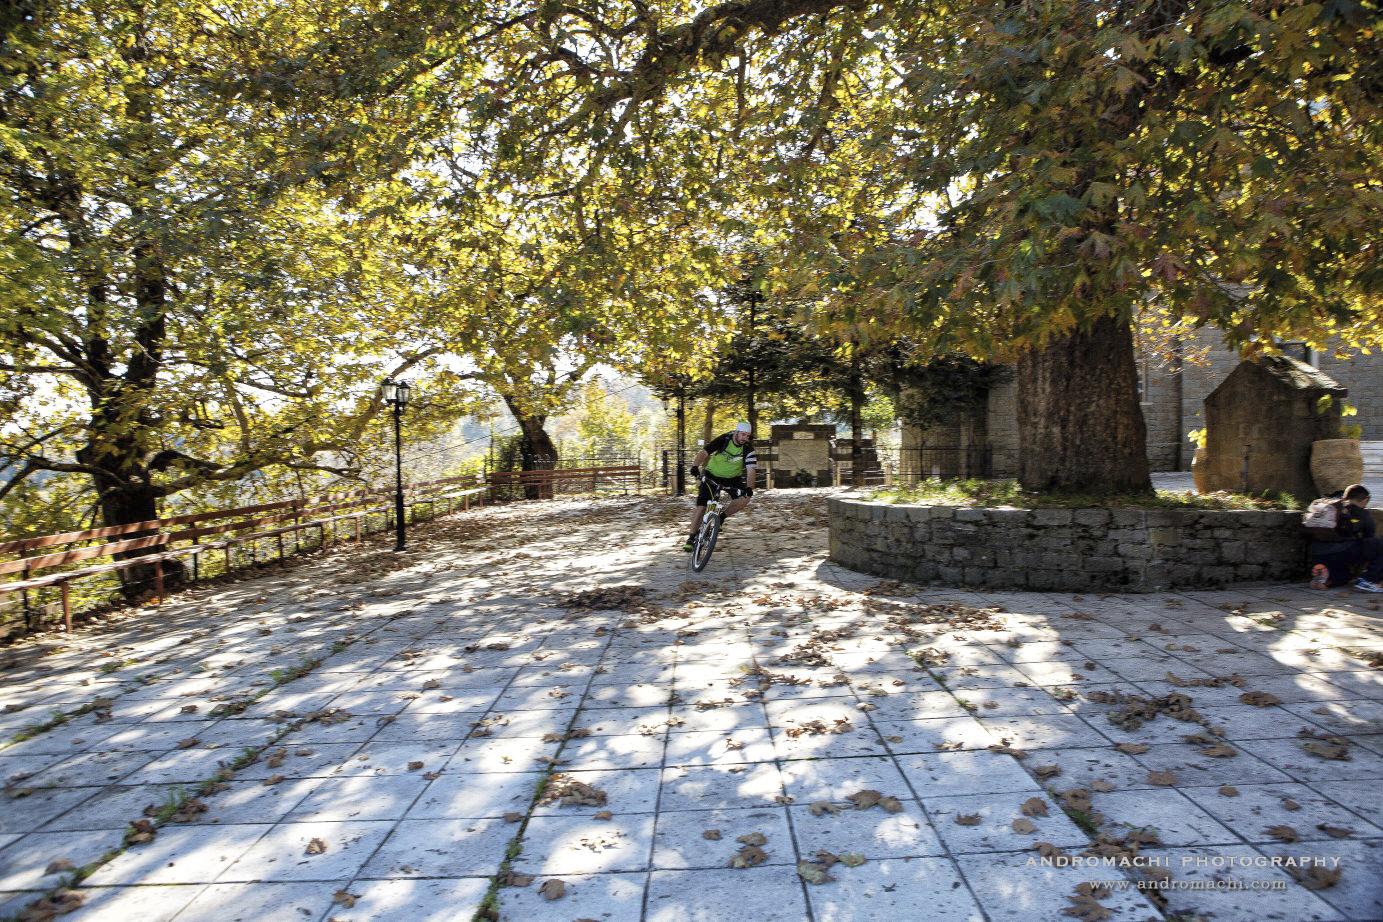 329A4153www.andromachi.com.jpg